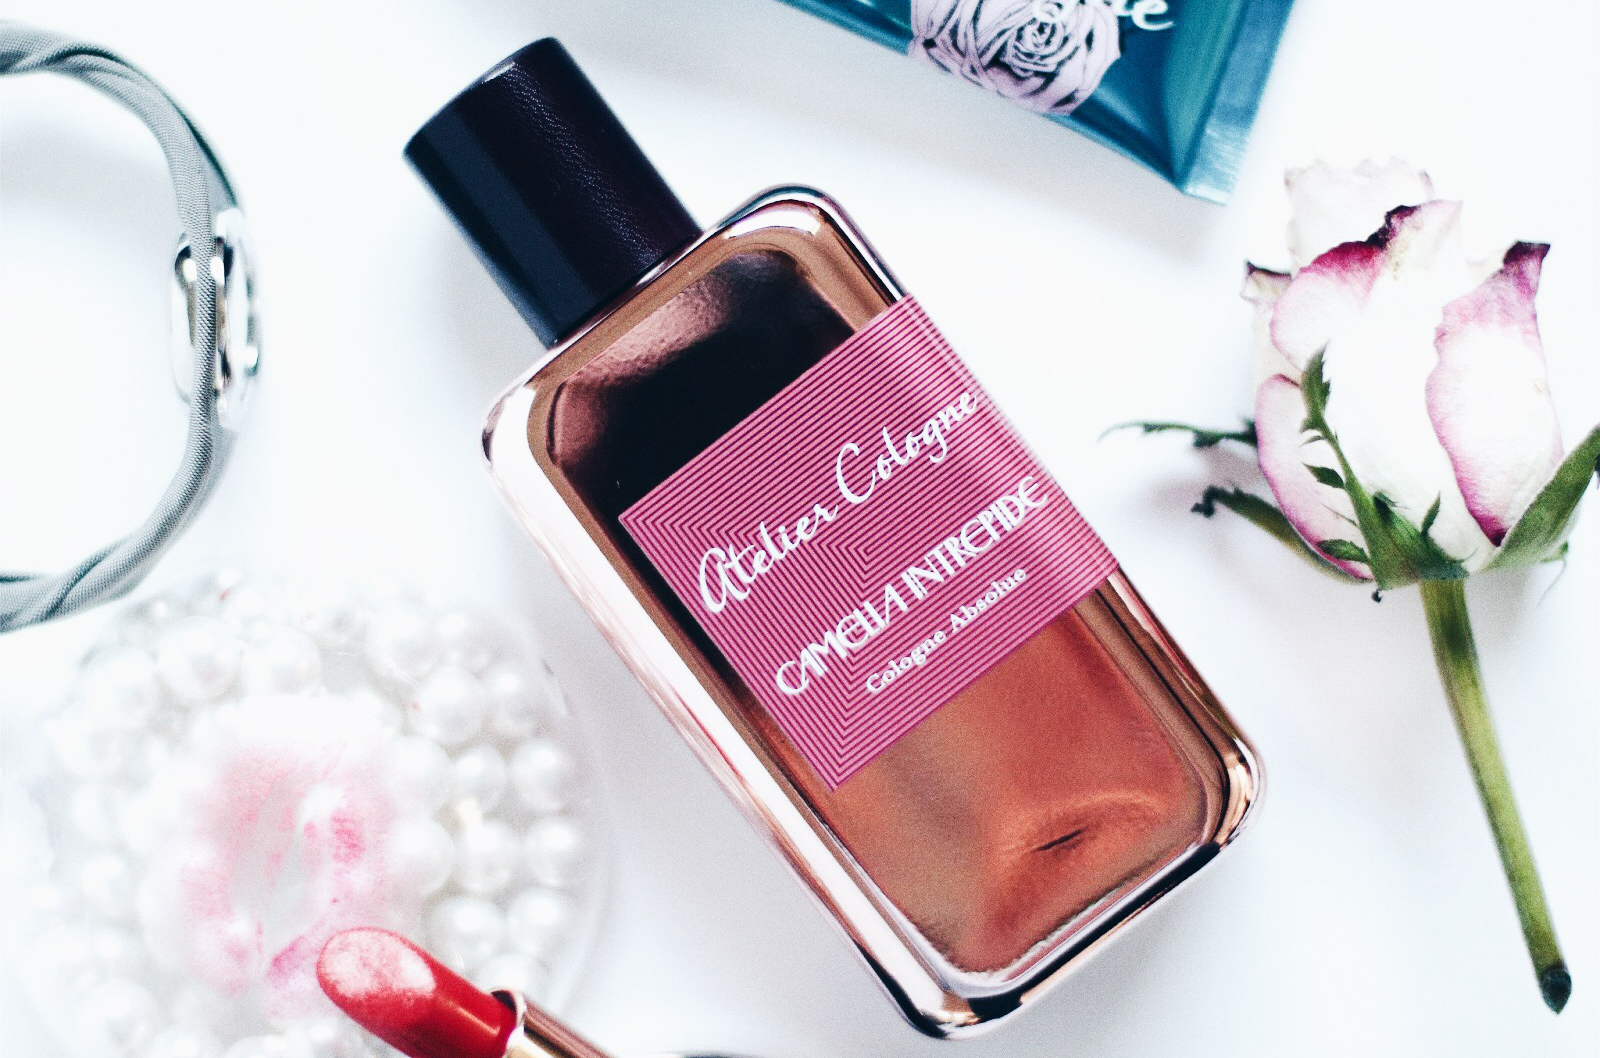 atelier cologne cologne absolue camelia intrépide parfum avis test